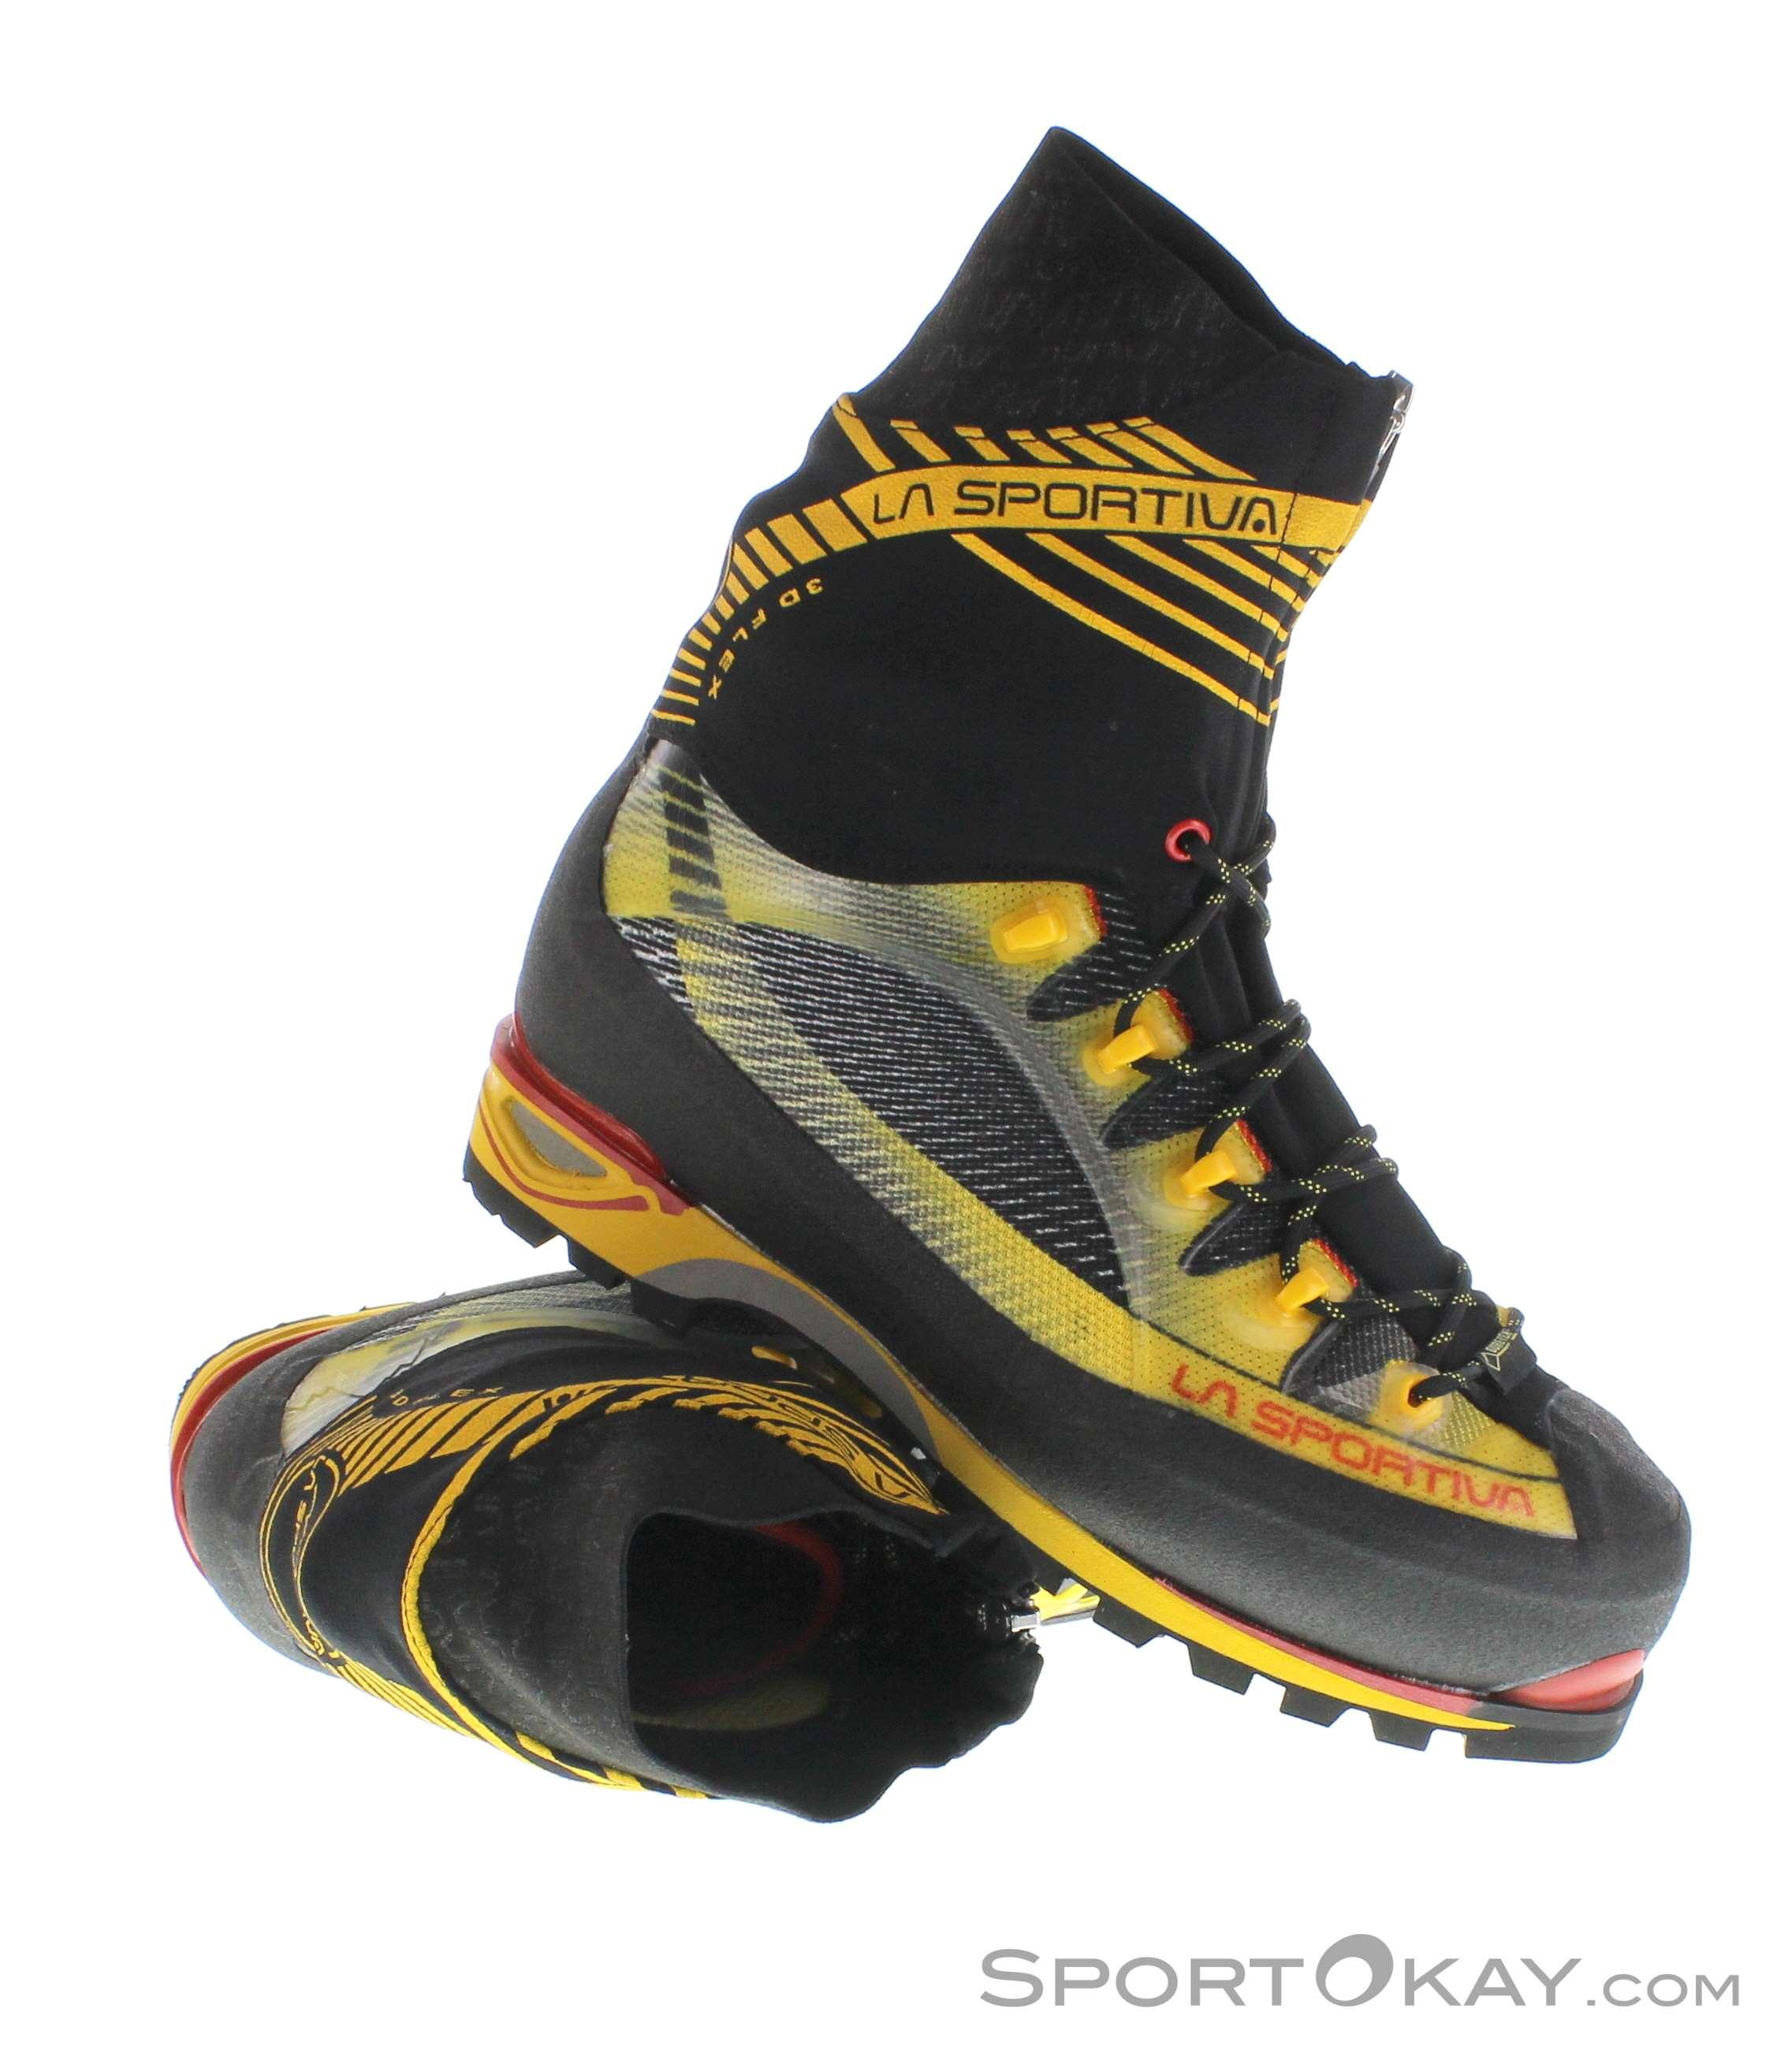 La Sportiva Trango Ice Cube GTX Schuhe Herren, Damen